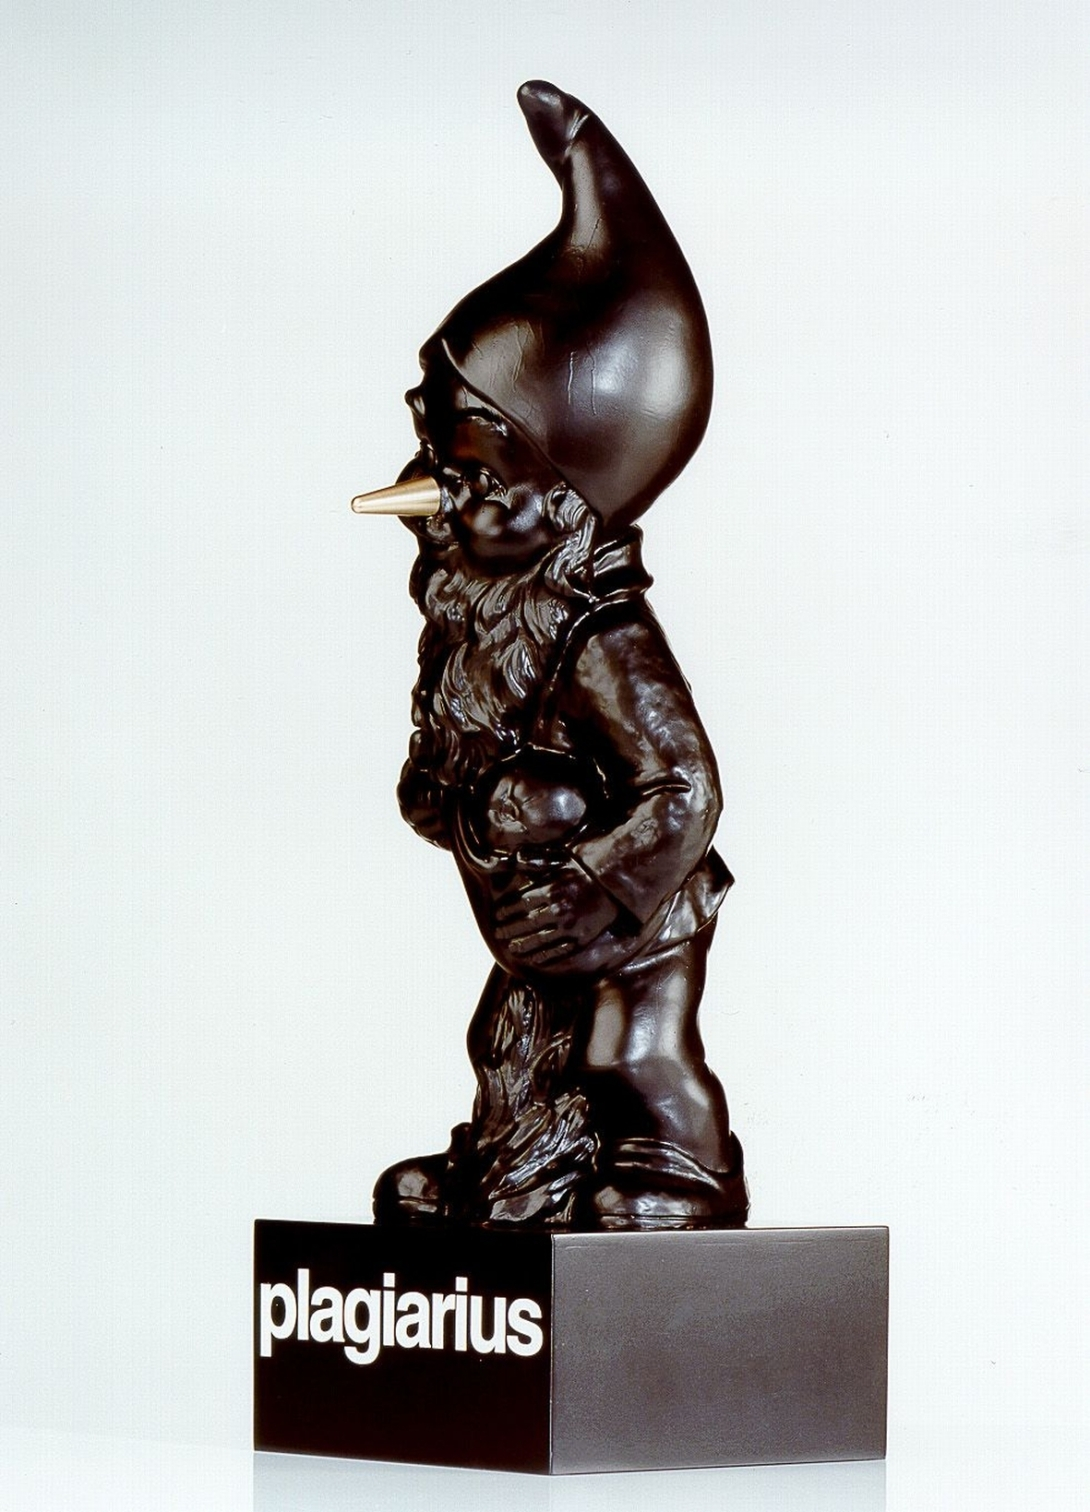 「Plagiarius」比賽的「最佳山寨獎」獎座為有著金鼻子的黑色小矮人.jpg